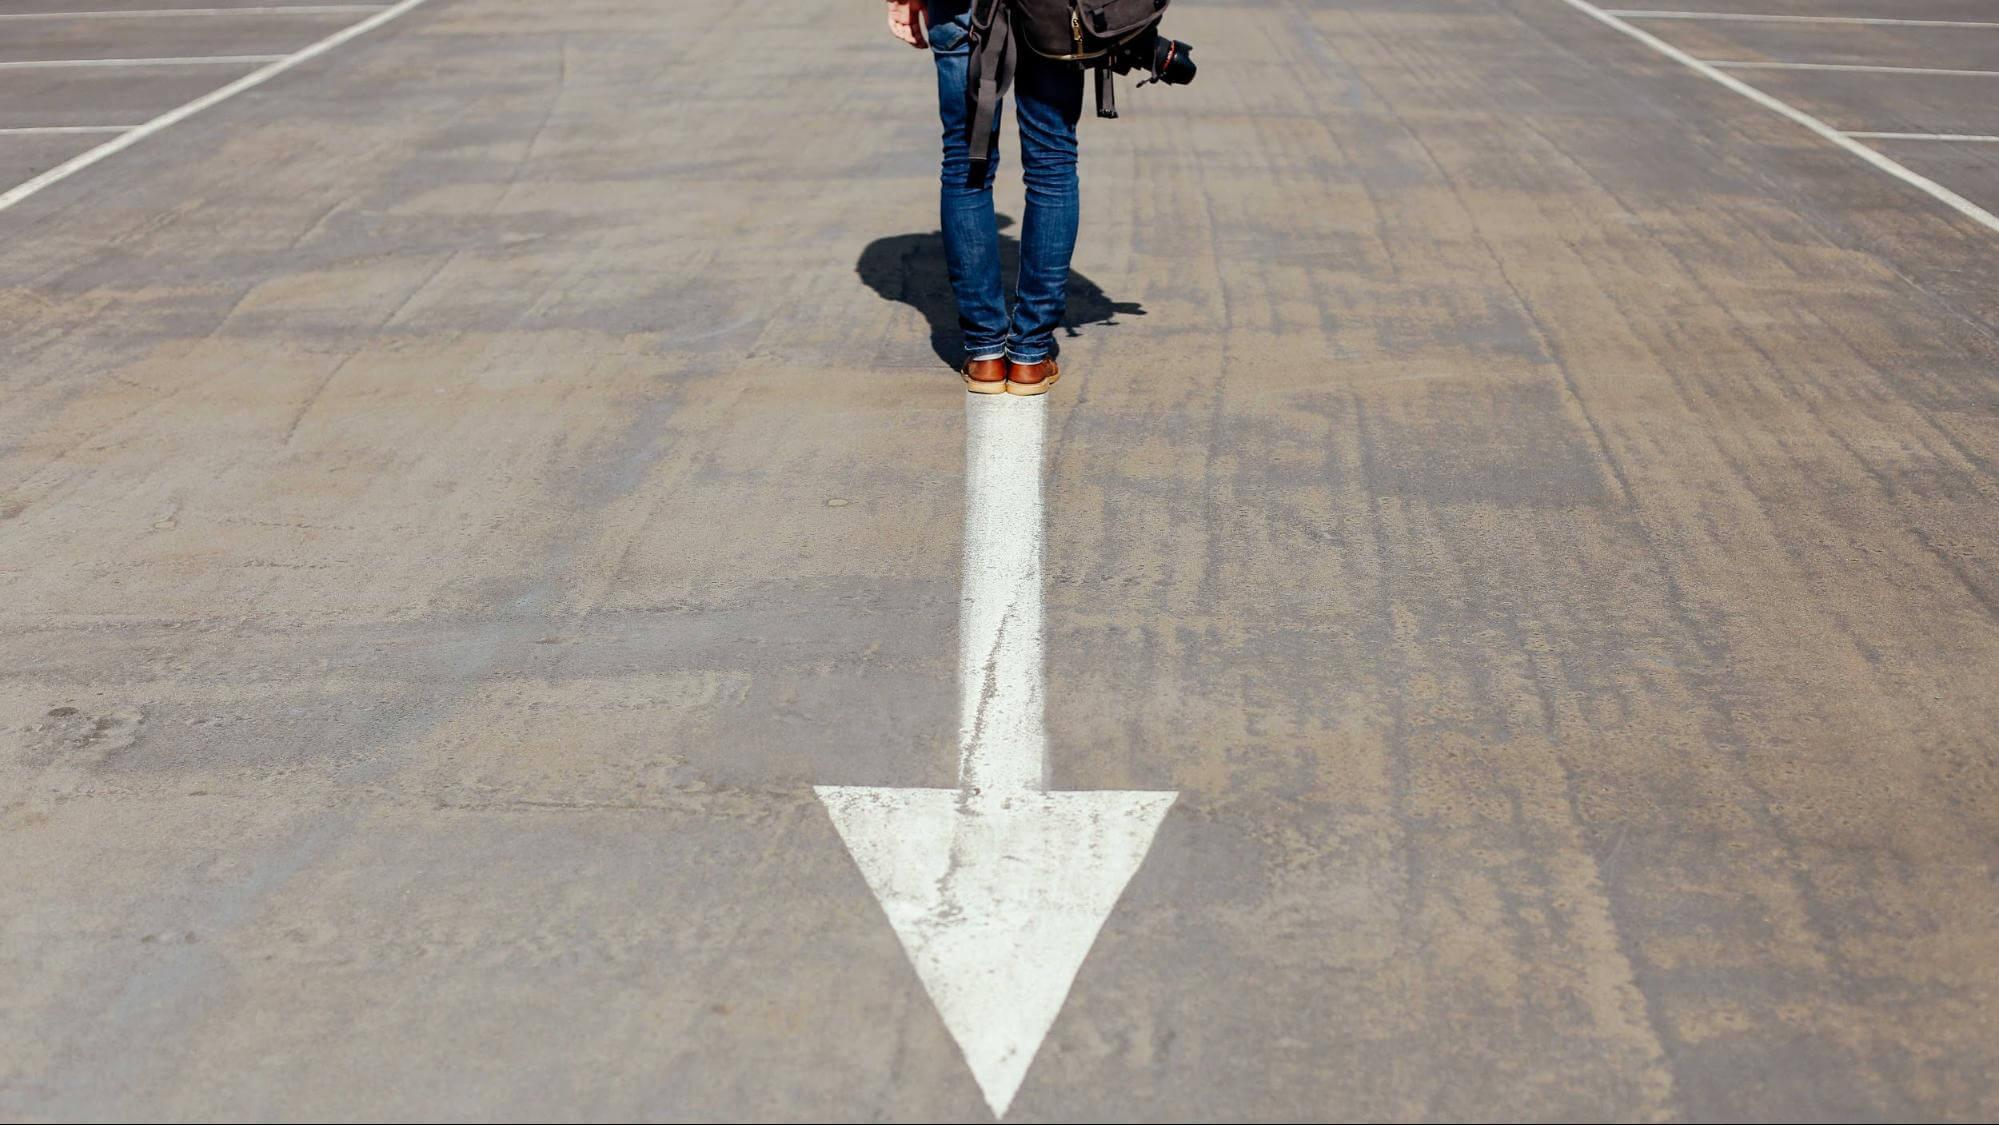 Como controlar a ansiedade: pessoa em uma pista com flecha pintada para baixo